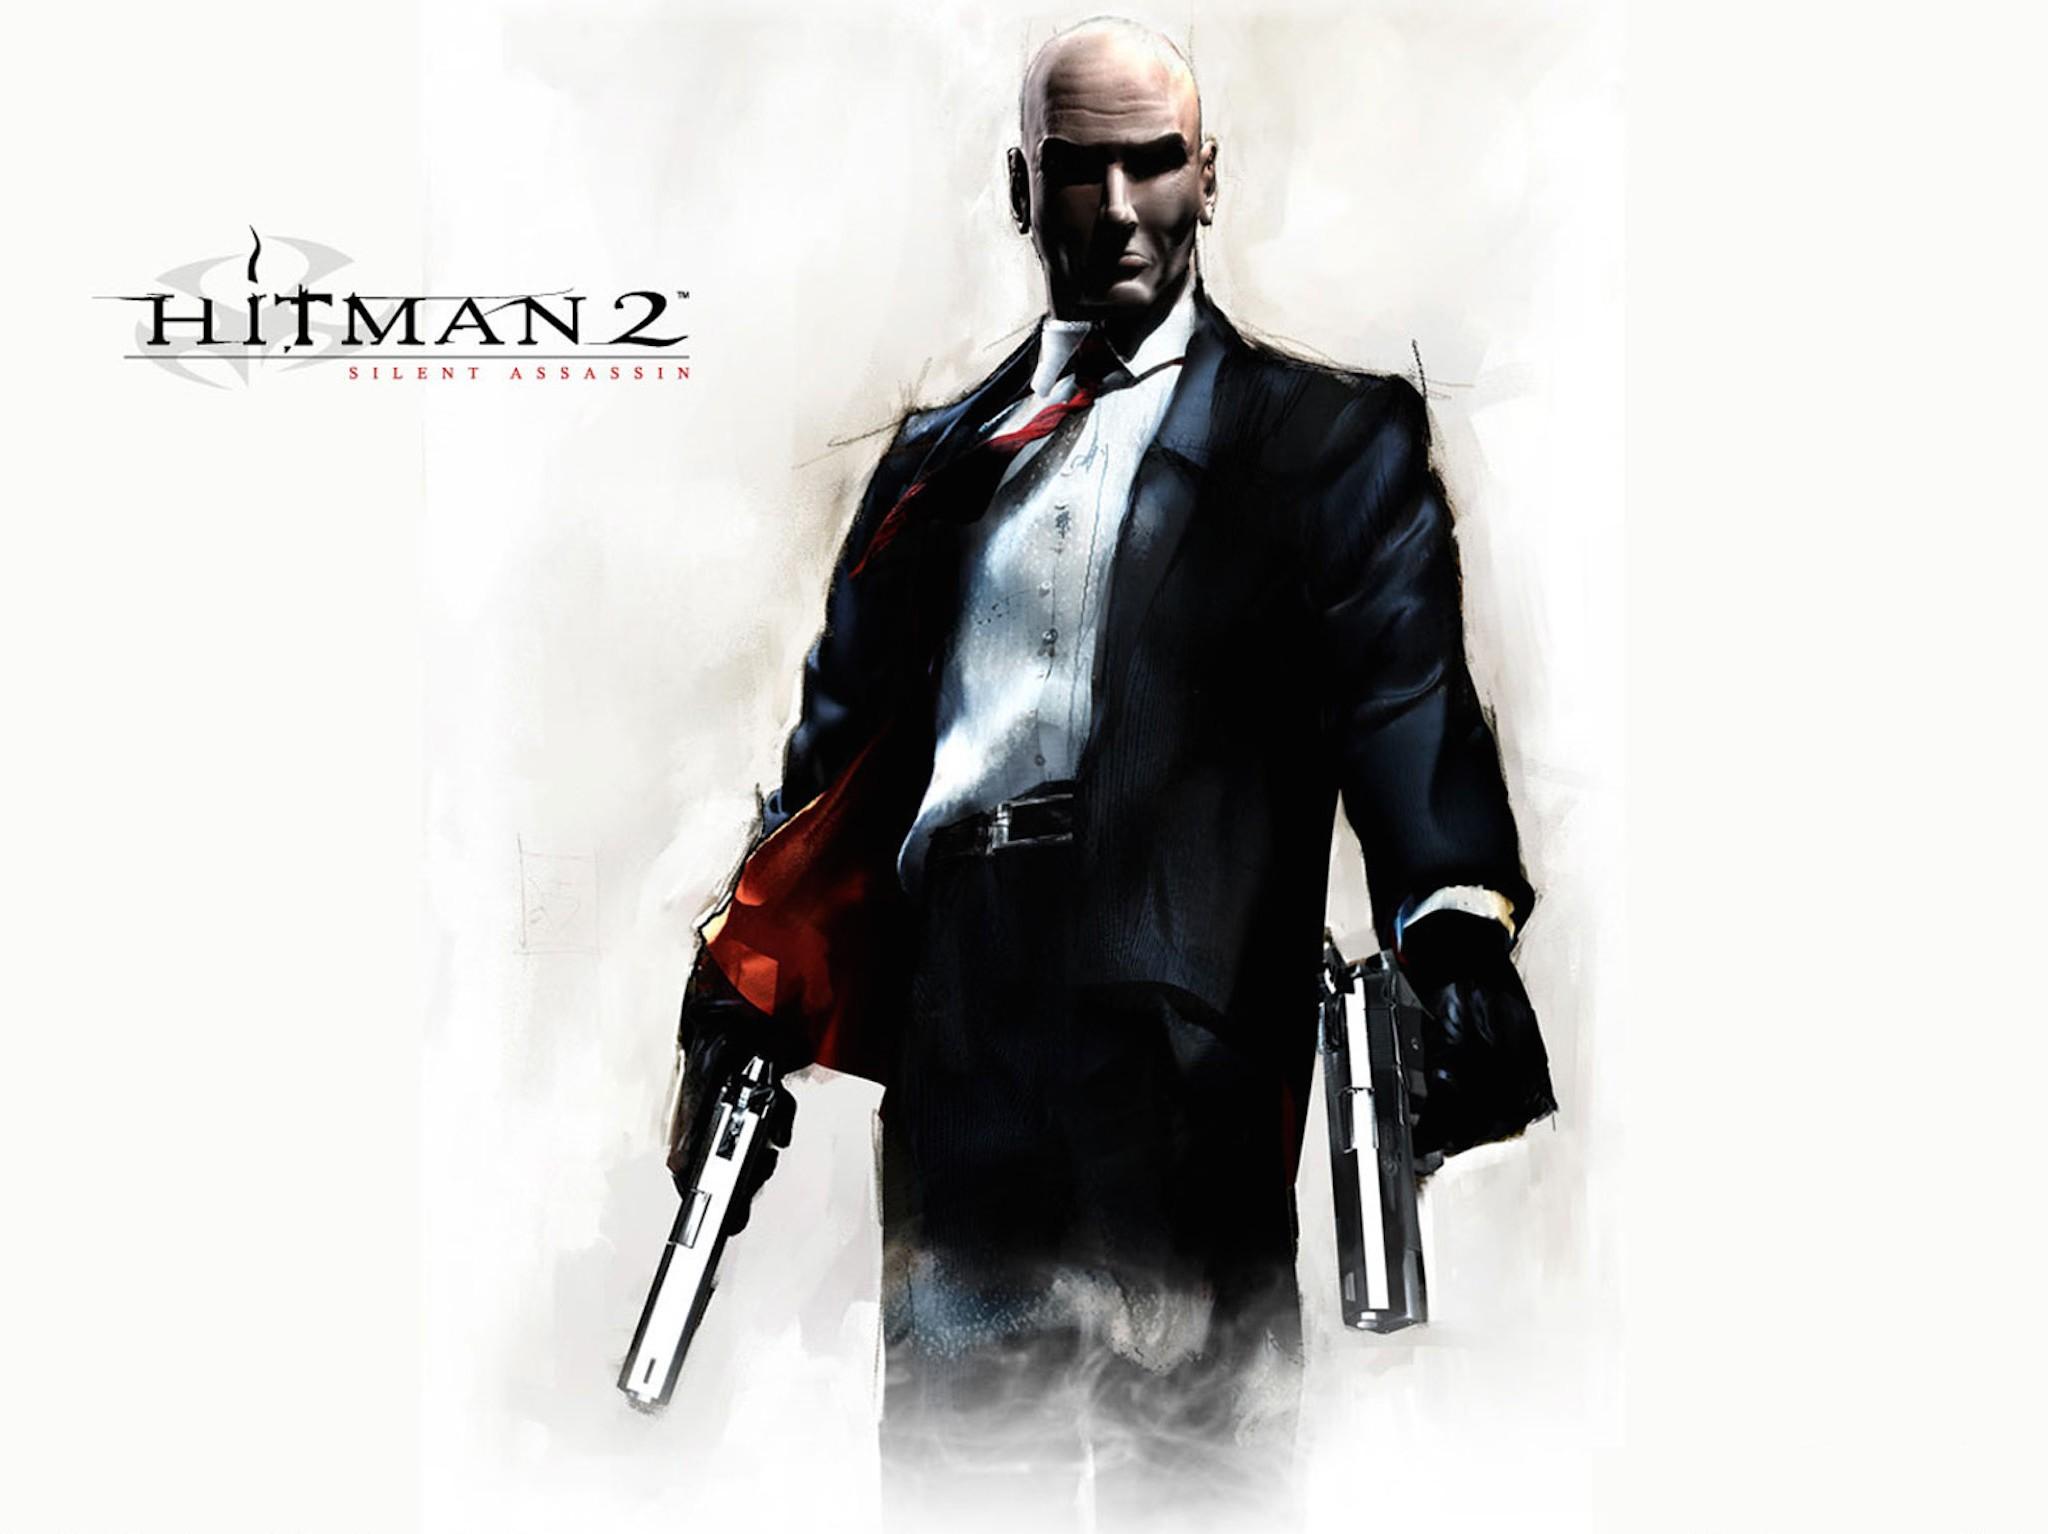 Hitman 2 Silent Assassin Wallpaper Free Hd Downloads